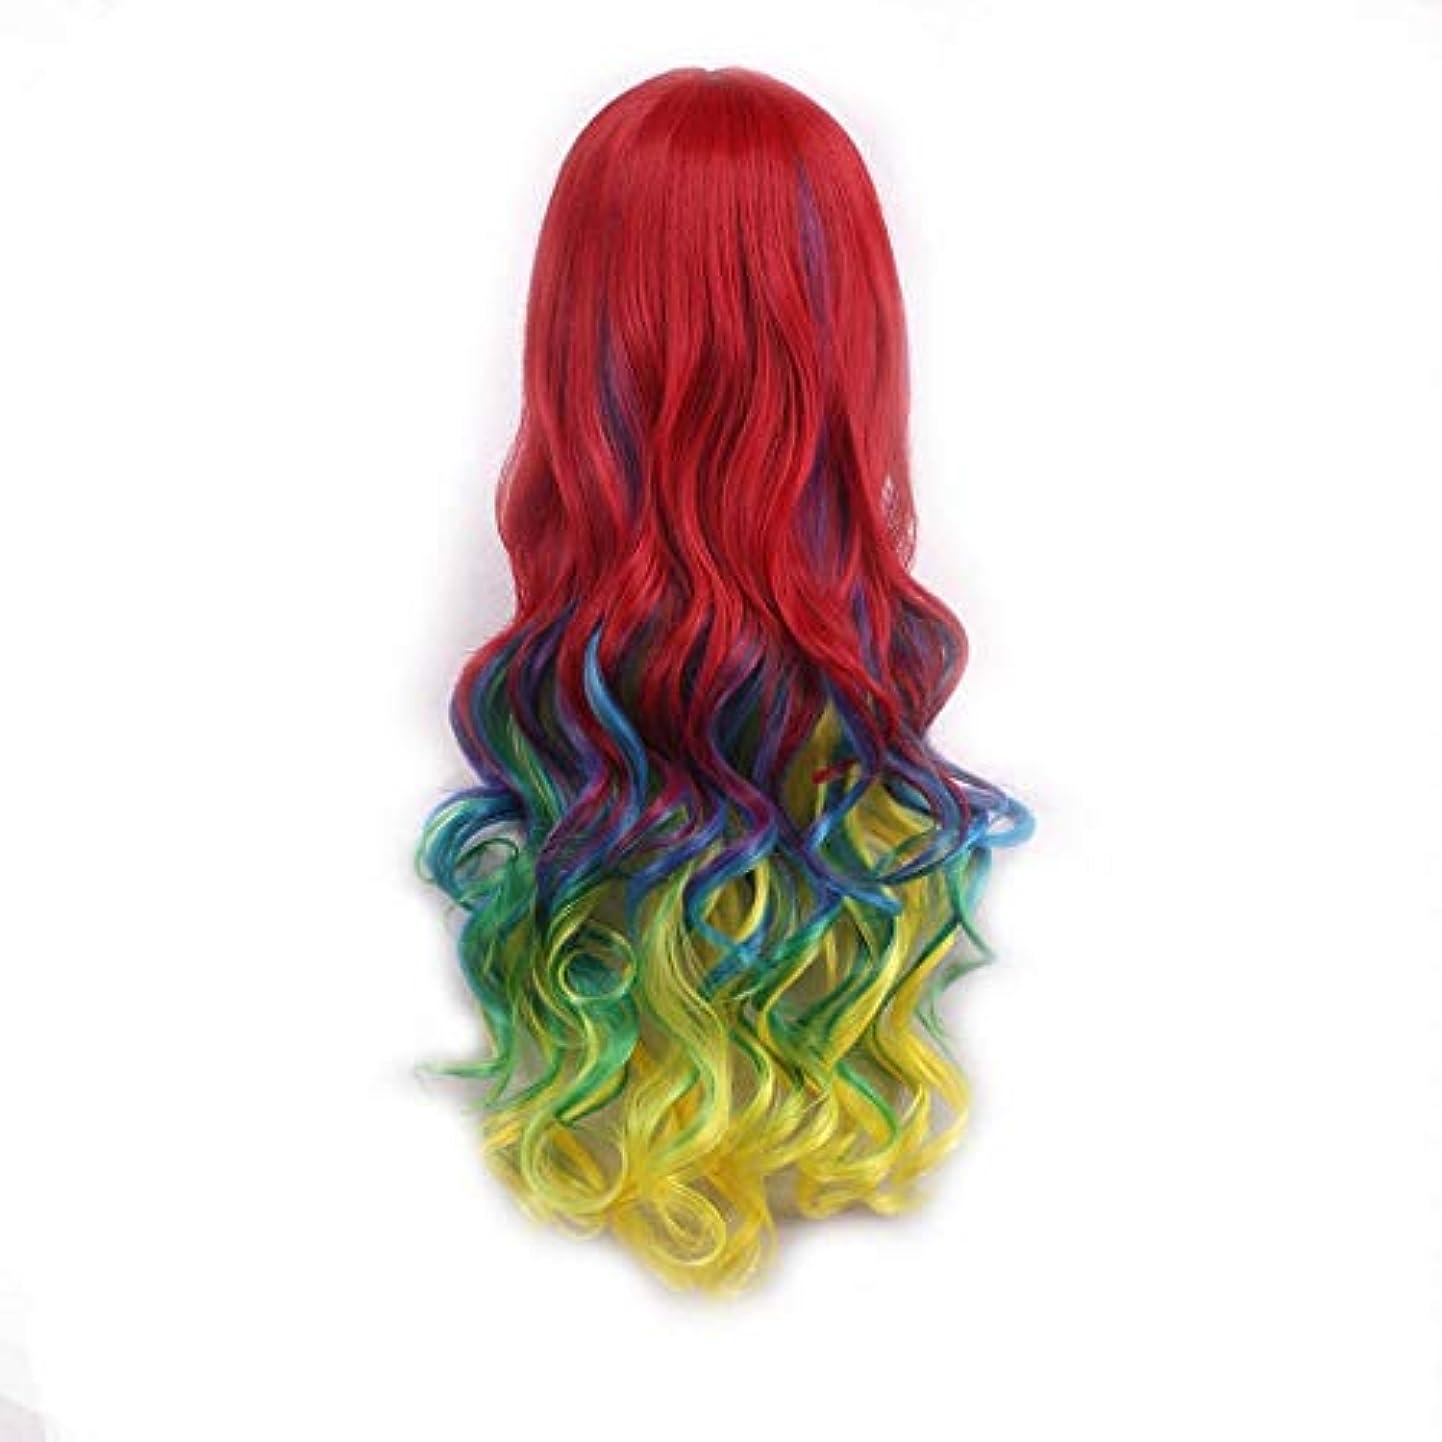 踊り子キネマティクス症候群ウィッグキャップウィッグロングファンシードレスストレート&カールウィッグレディース高品質な合成色の髪のコスプレ高密度ウィッグ女性と女の子 (Color : Curls)